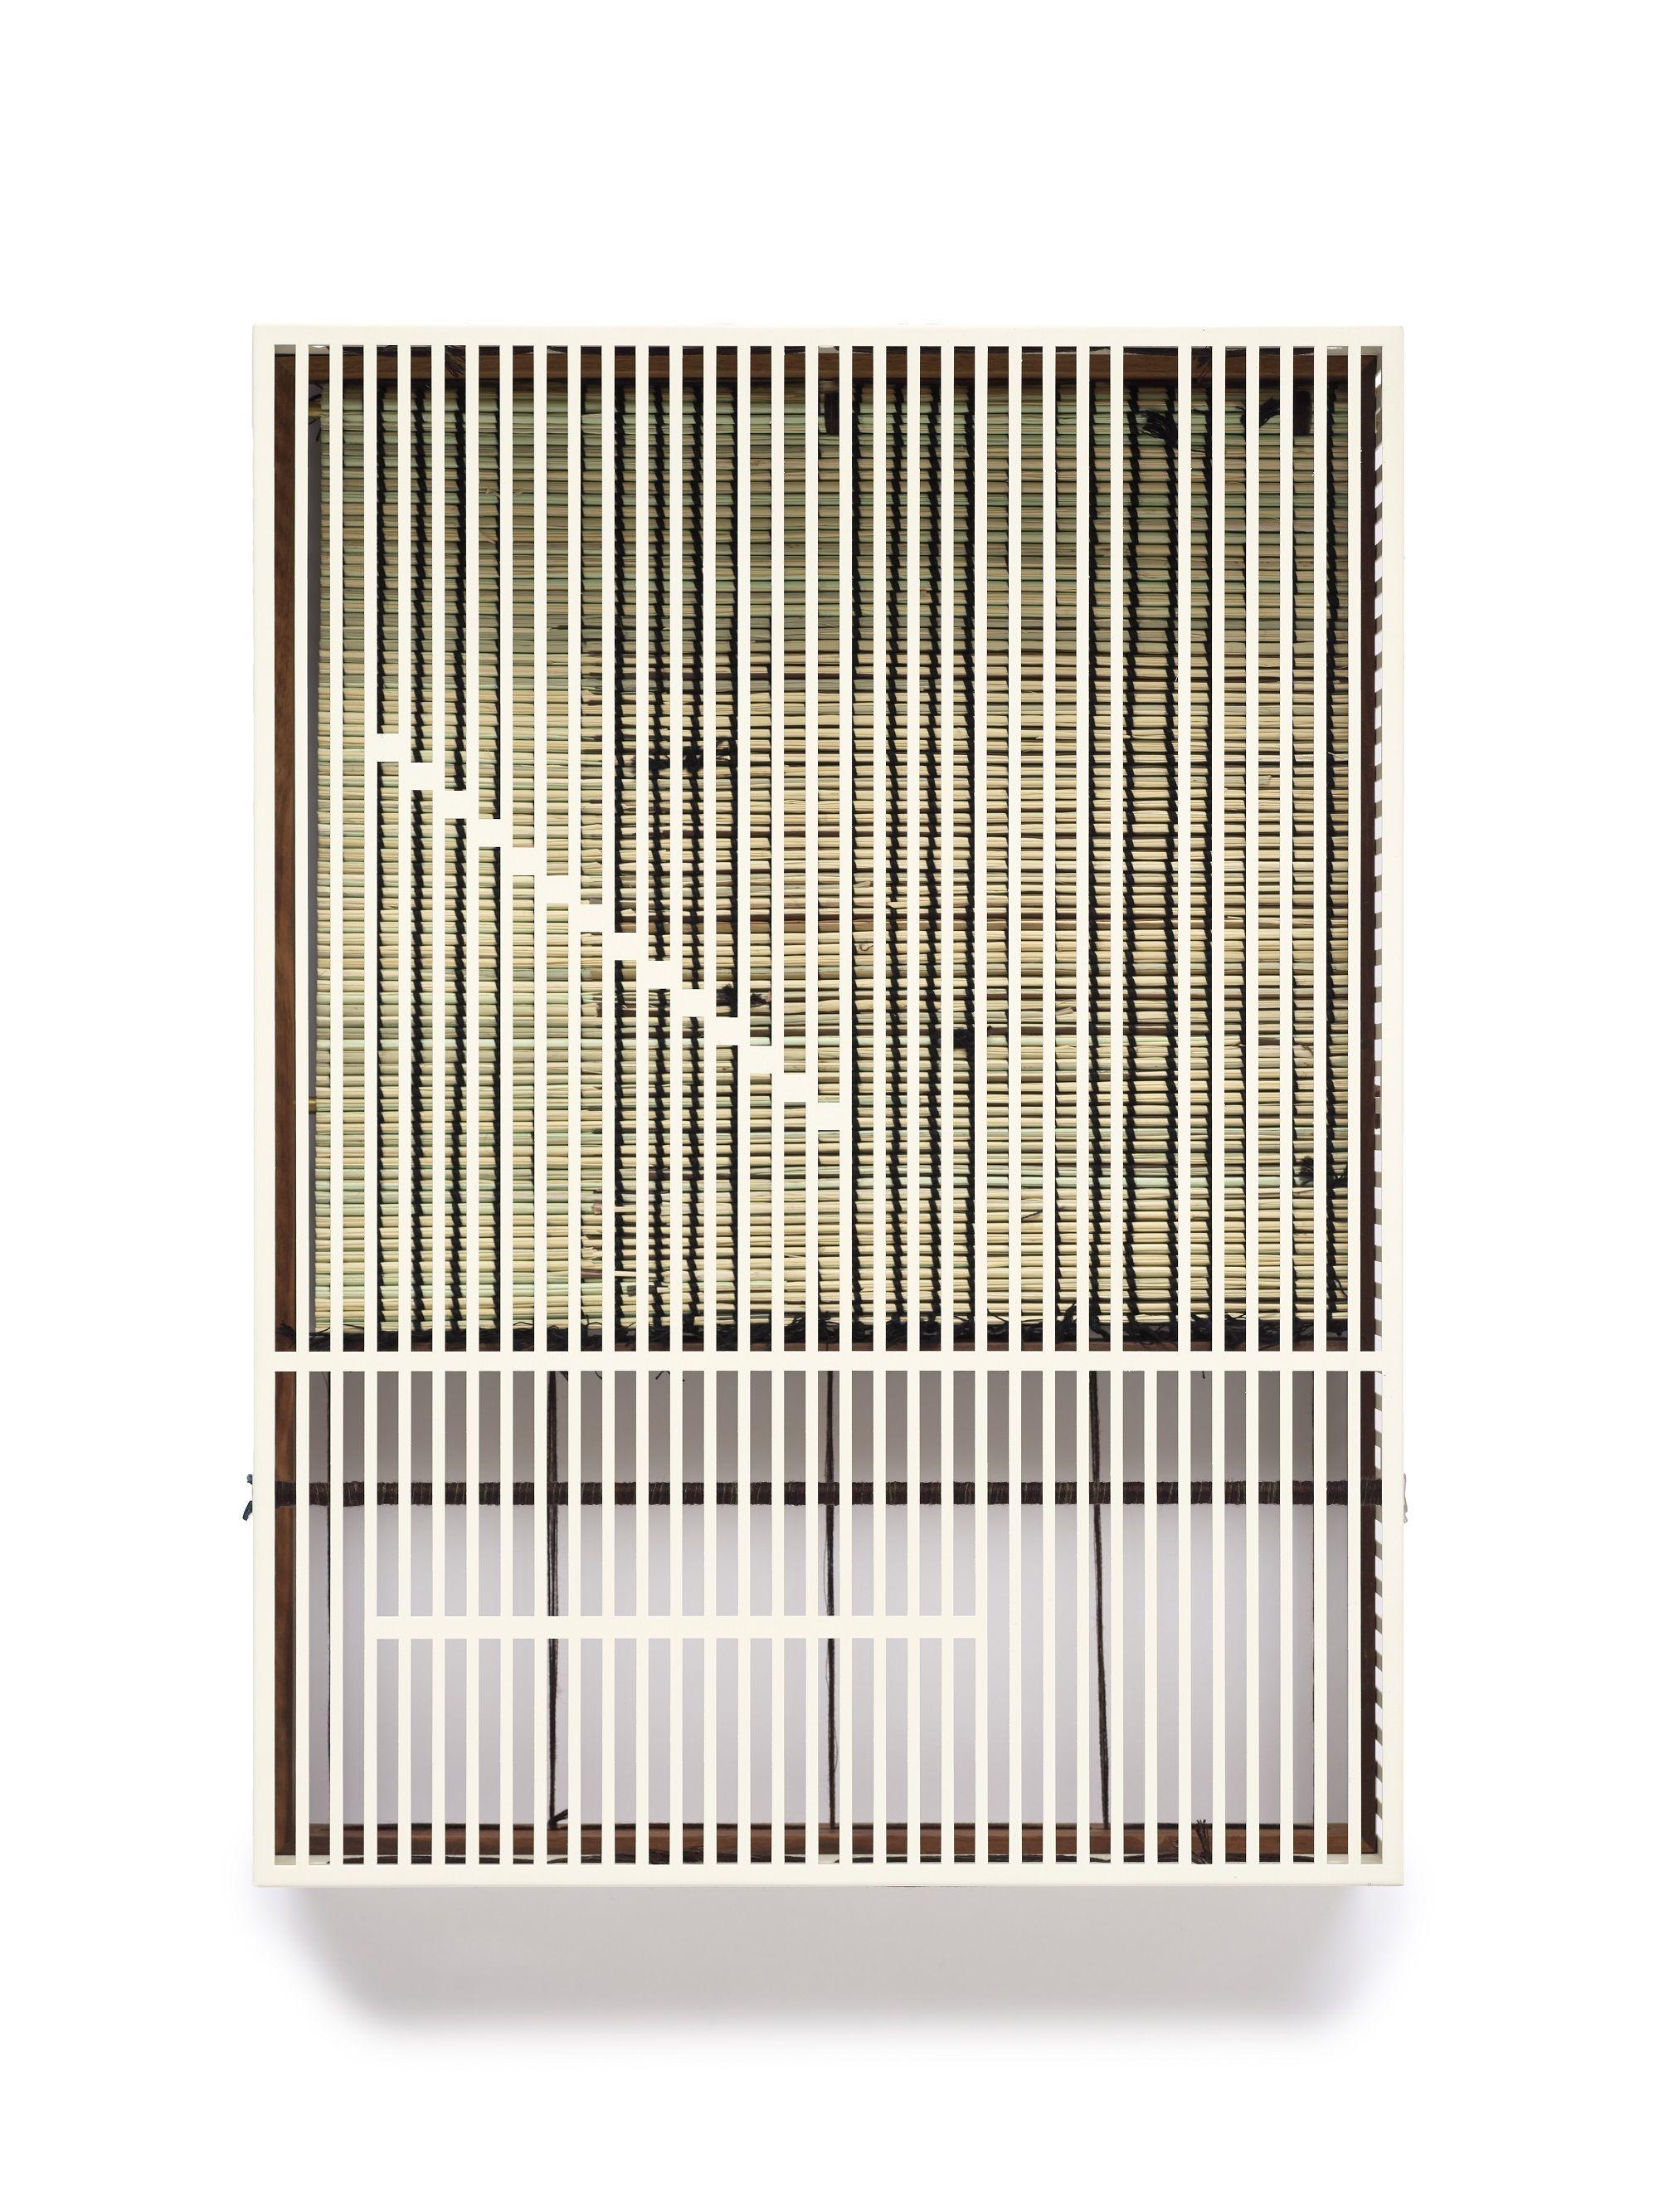 Mat 55 x 40—Bold #18-01